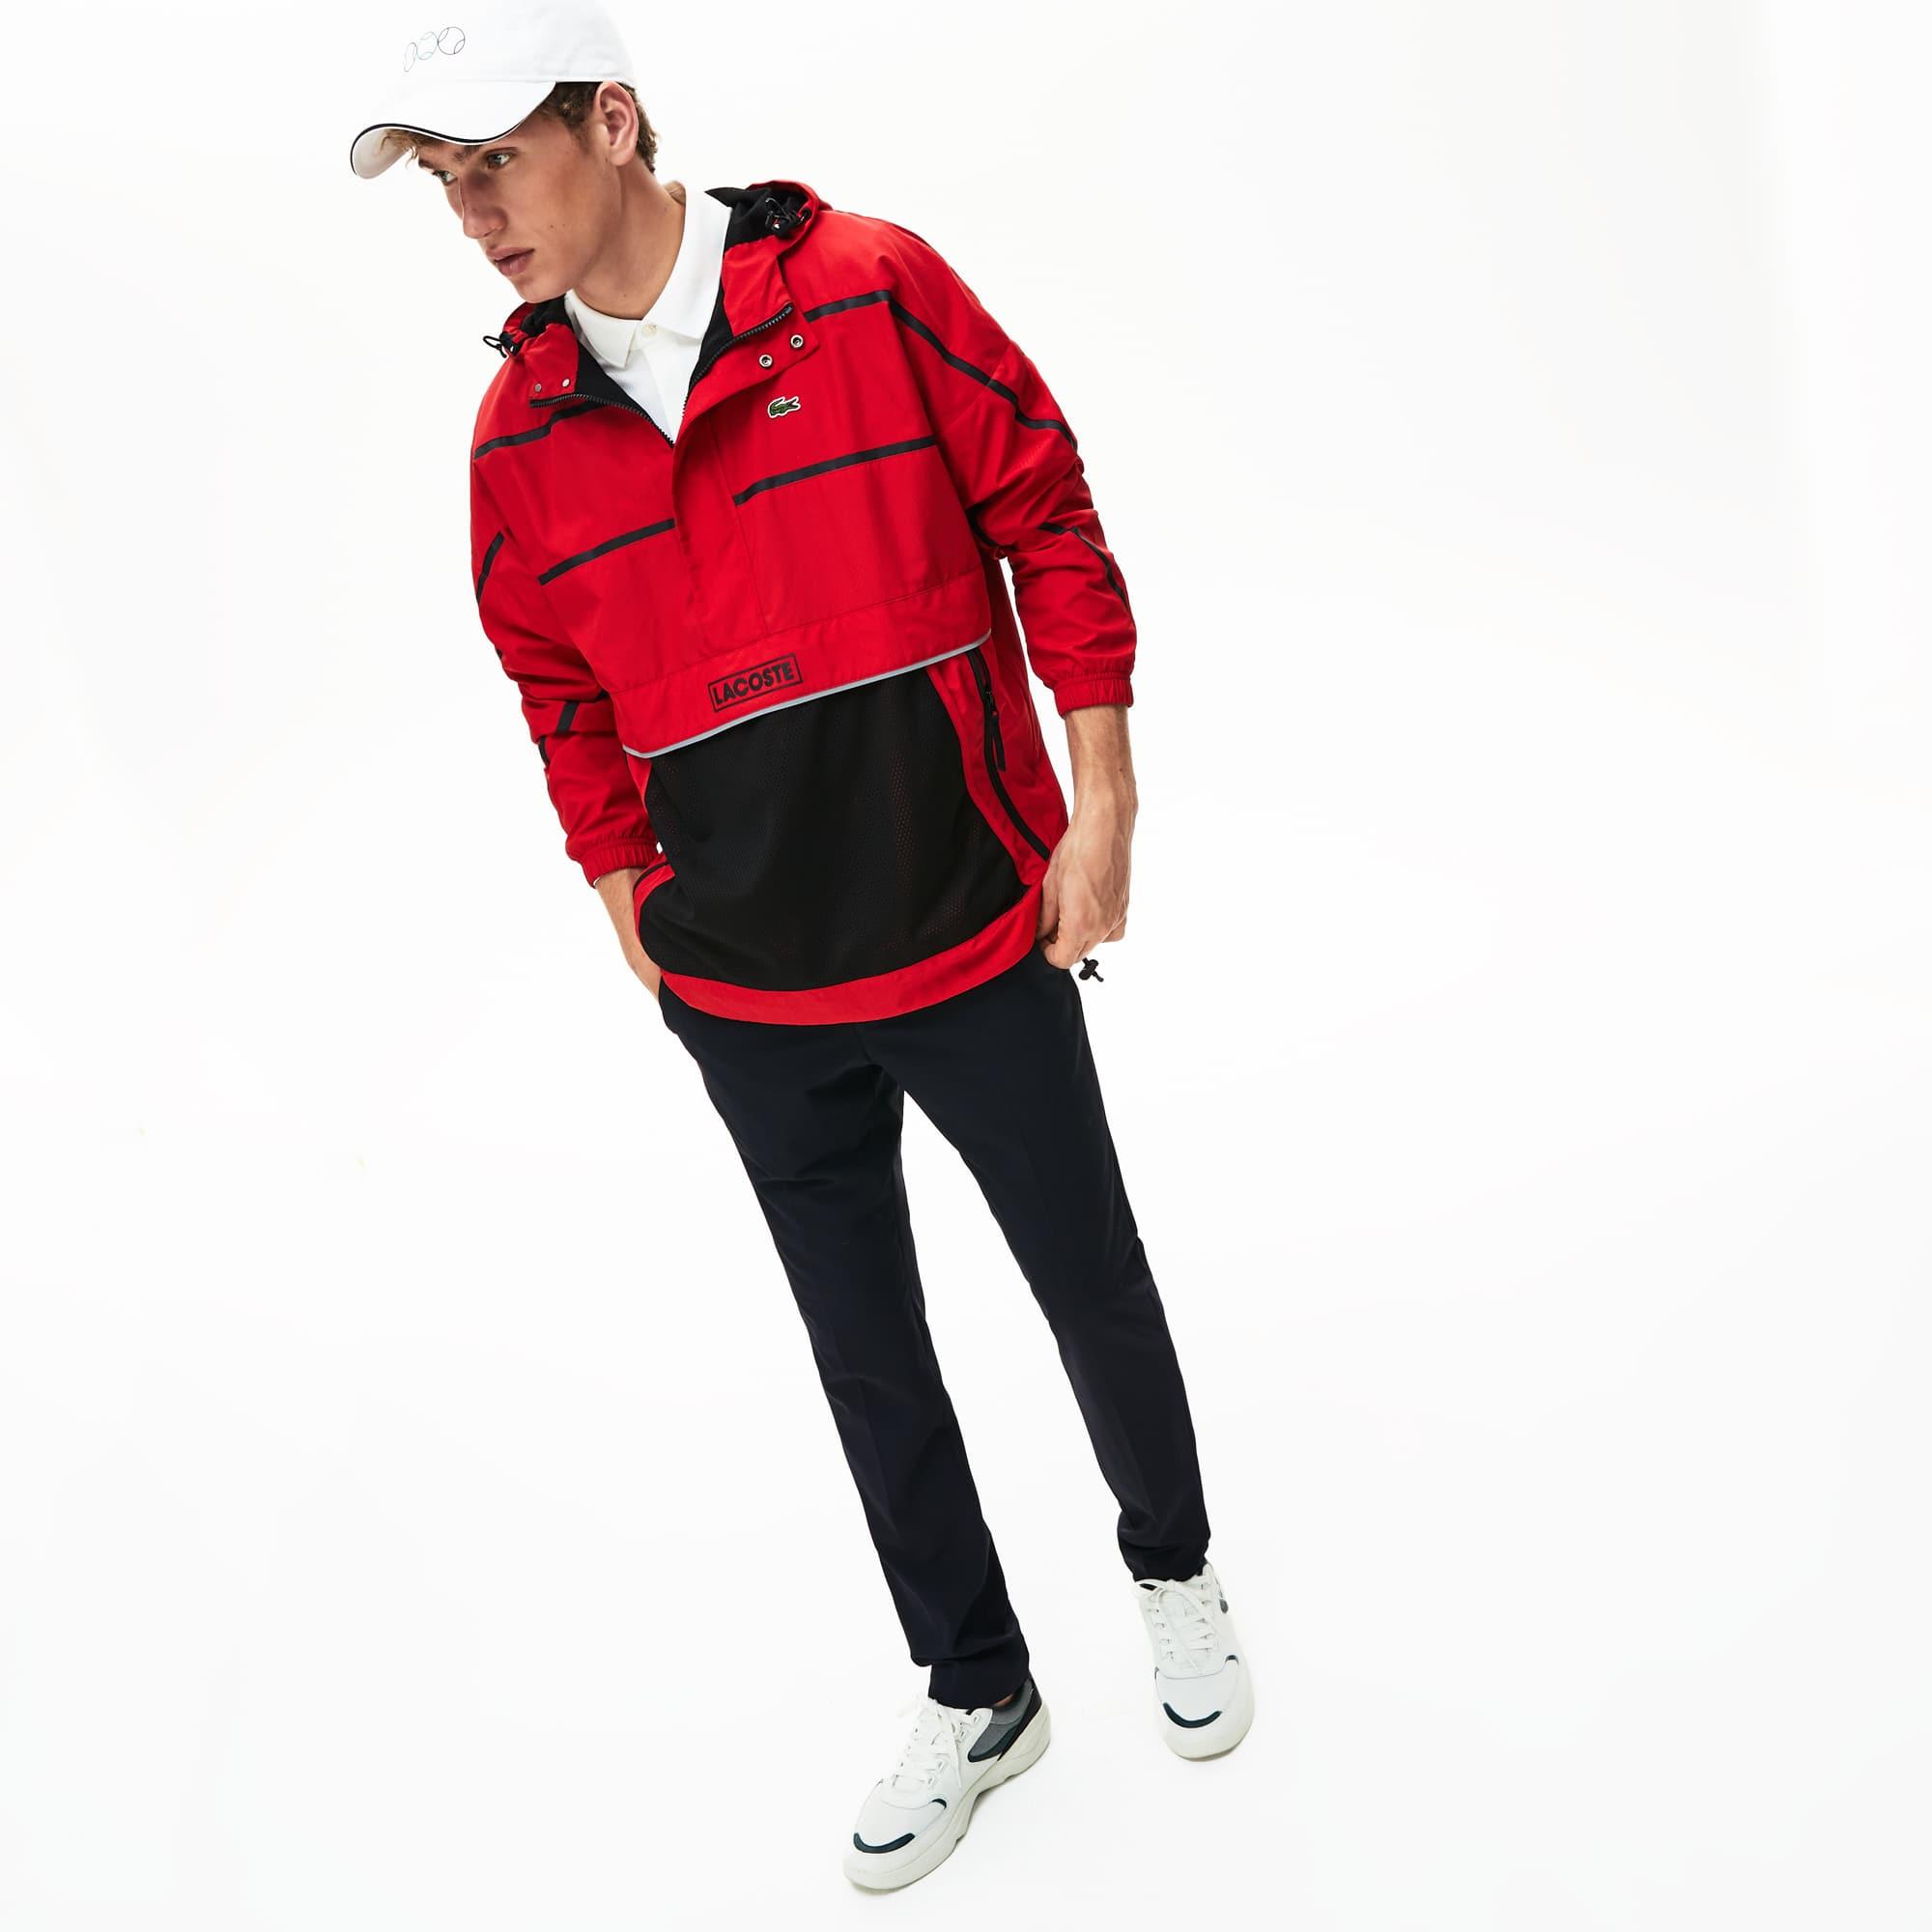 fd092aaf91 Manteaux & Blousons | Vêtements Homme | LACOSTE